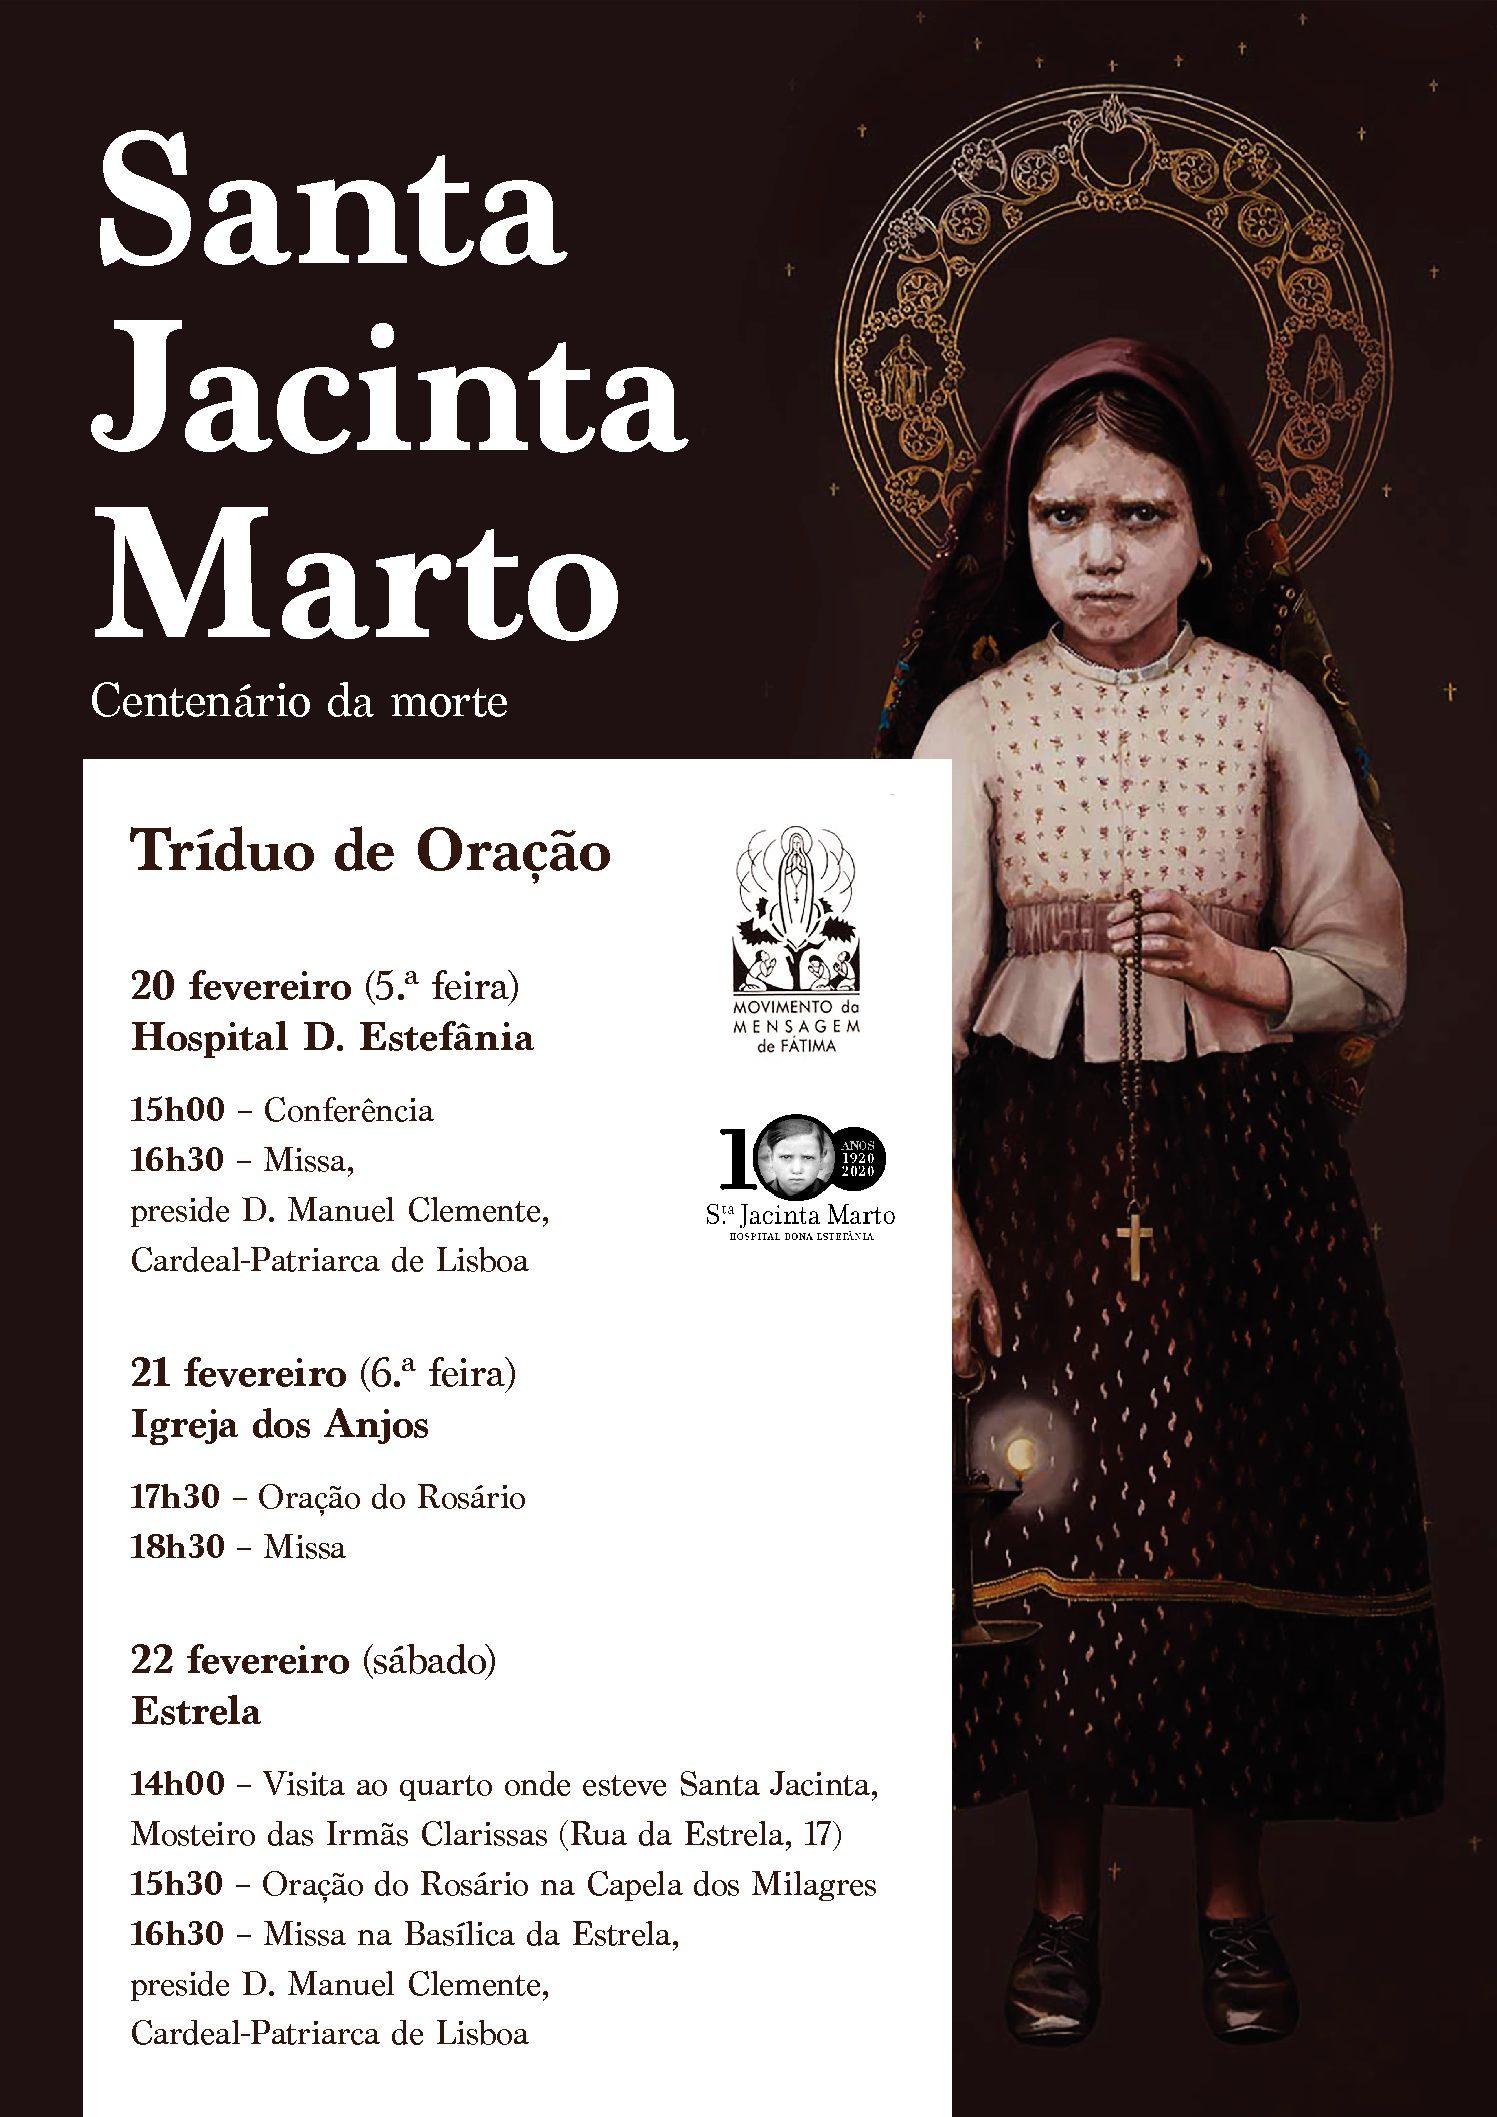 Centenário da morte de Santa Jacinta Marto